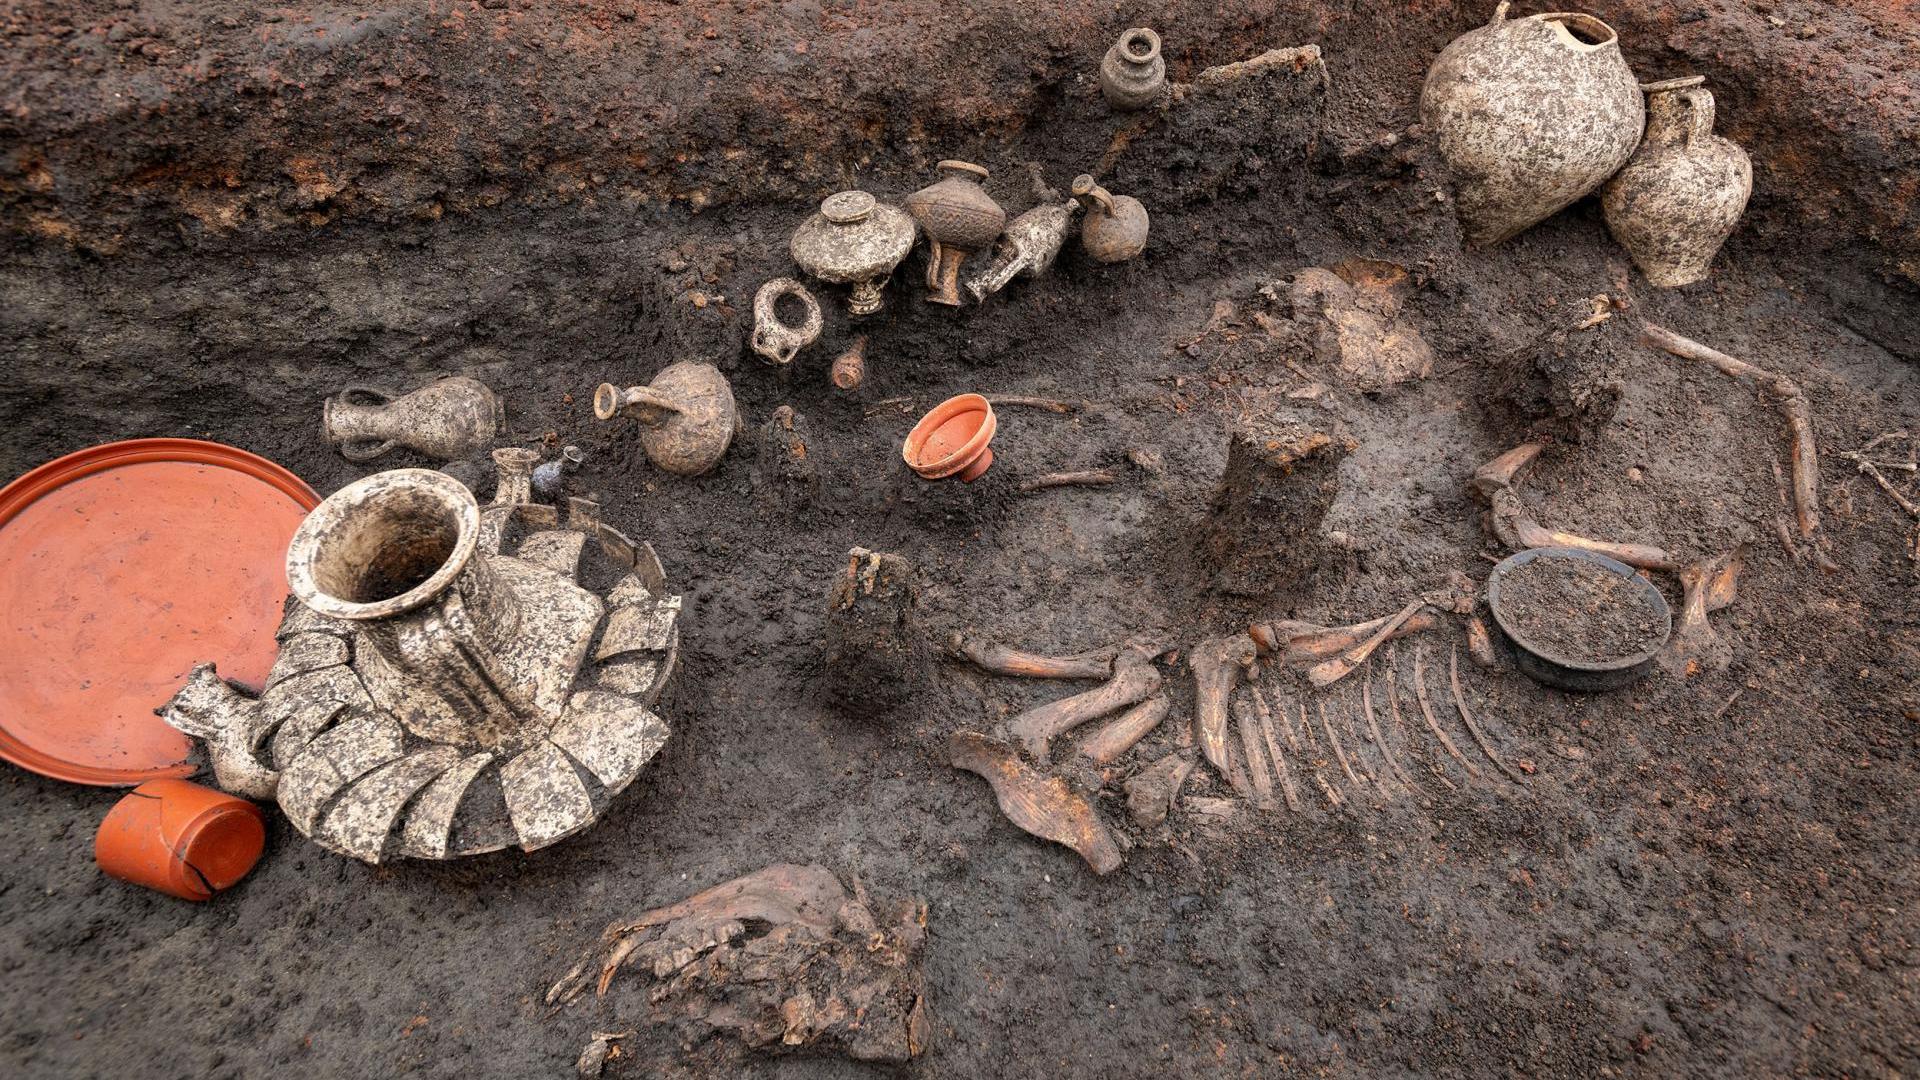 Les restes du chiot ont été trouvés à côté des récipients en terre cuite contenant de la nourriture et des boissons.